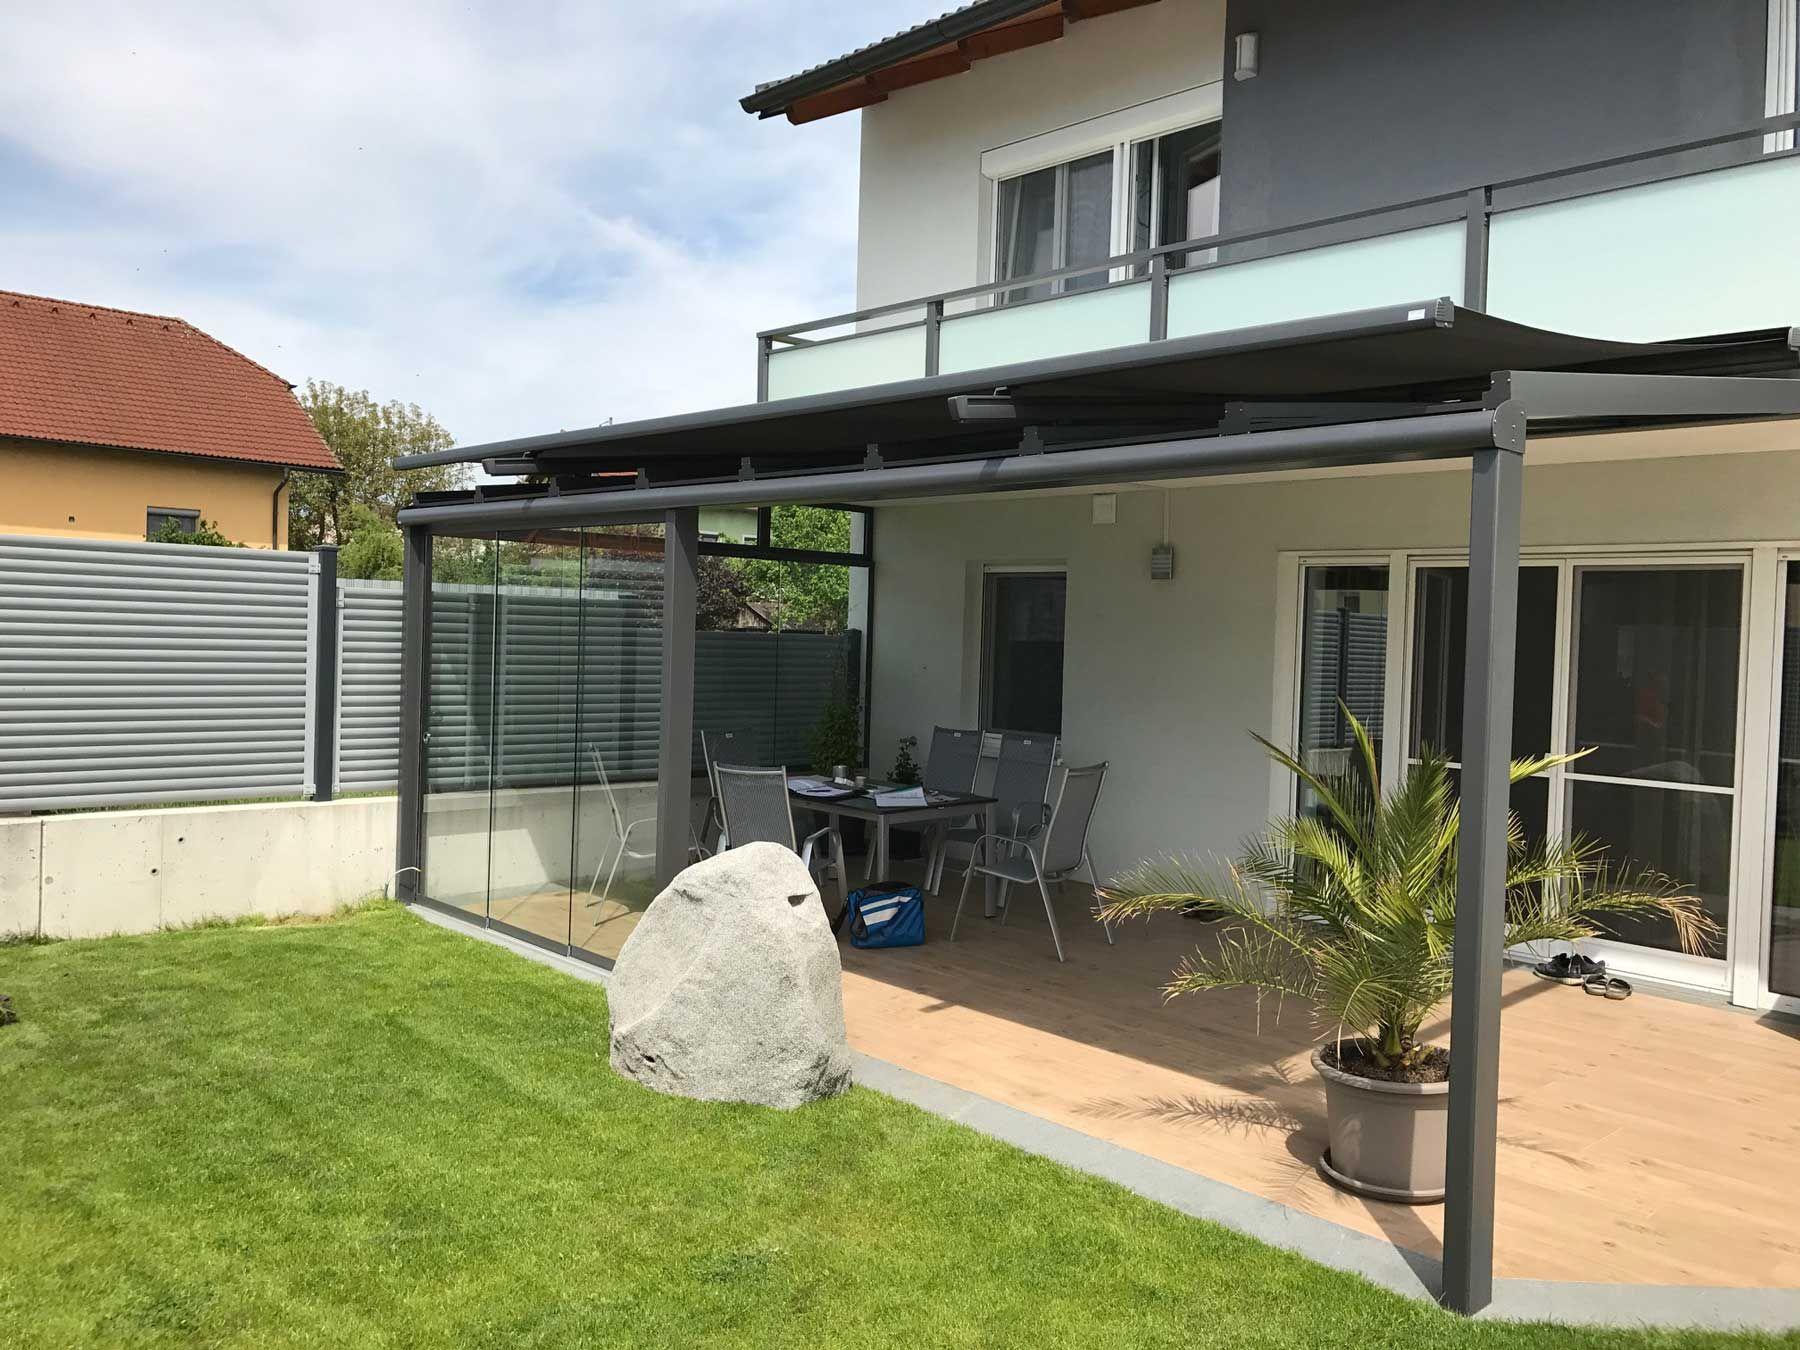 Terrassenüberdachung Windschutz Schiebeverglasung inkl